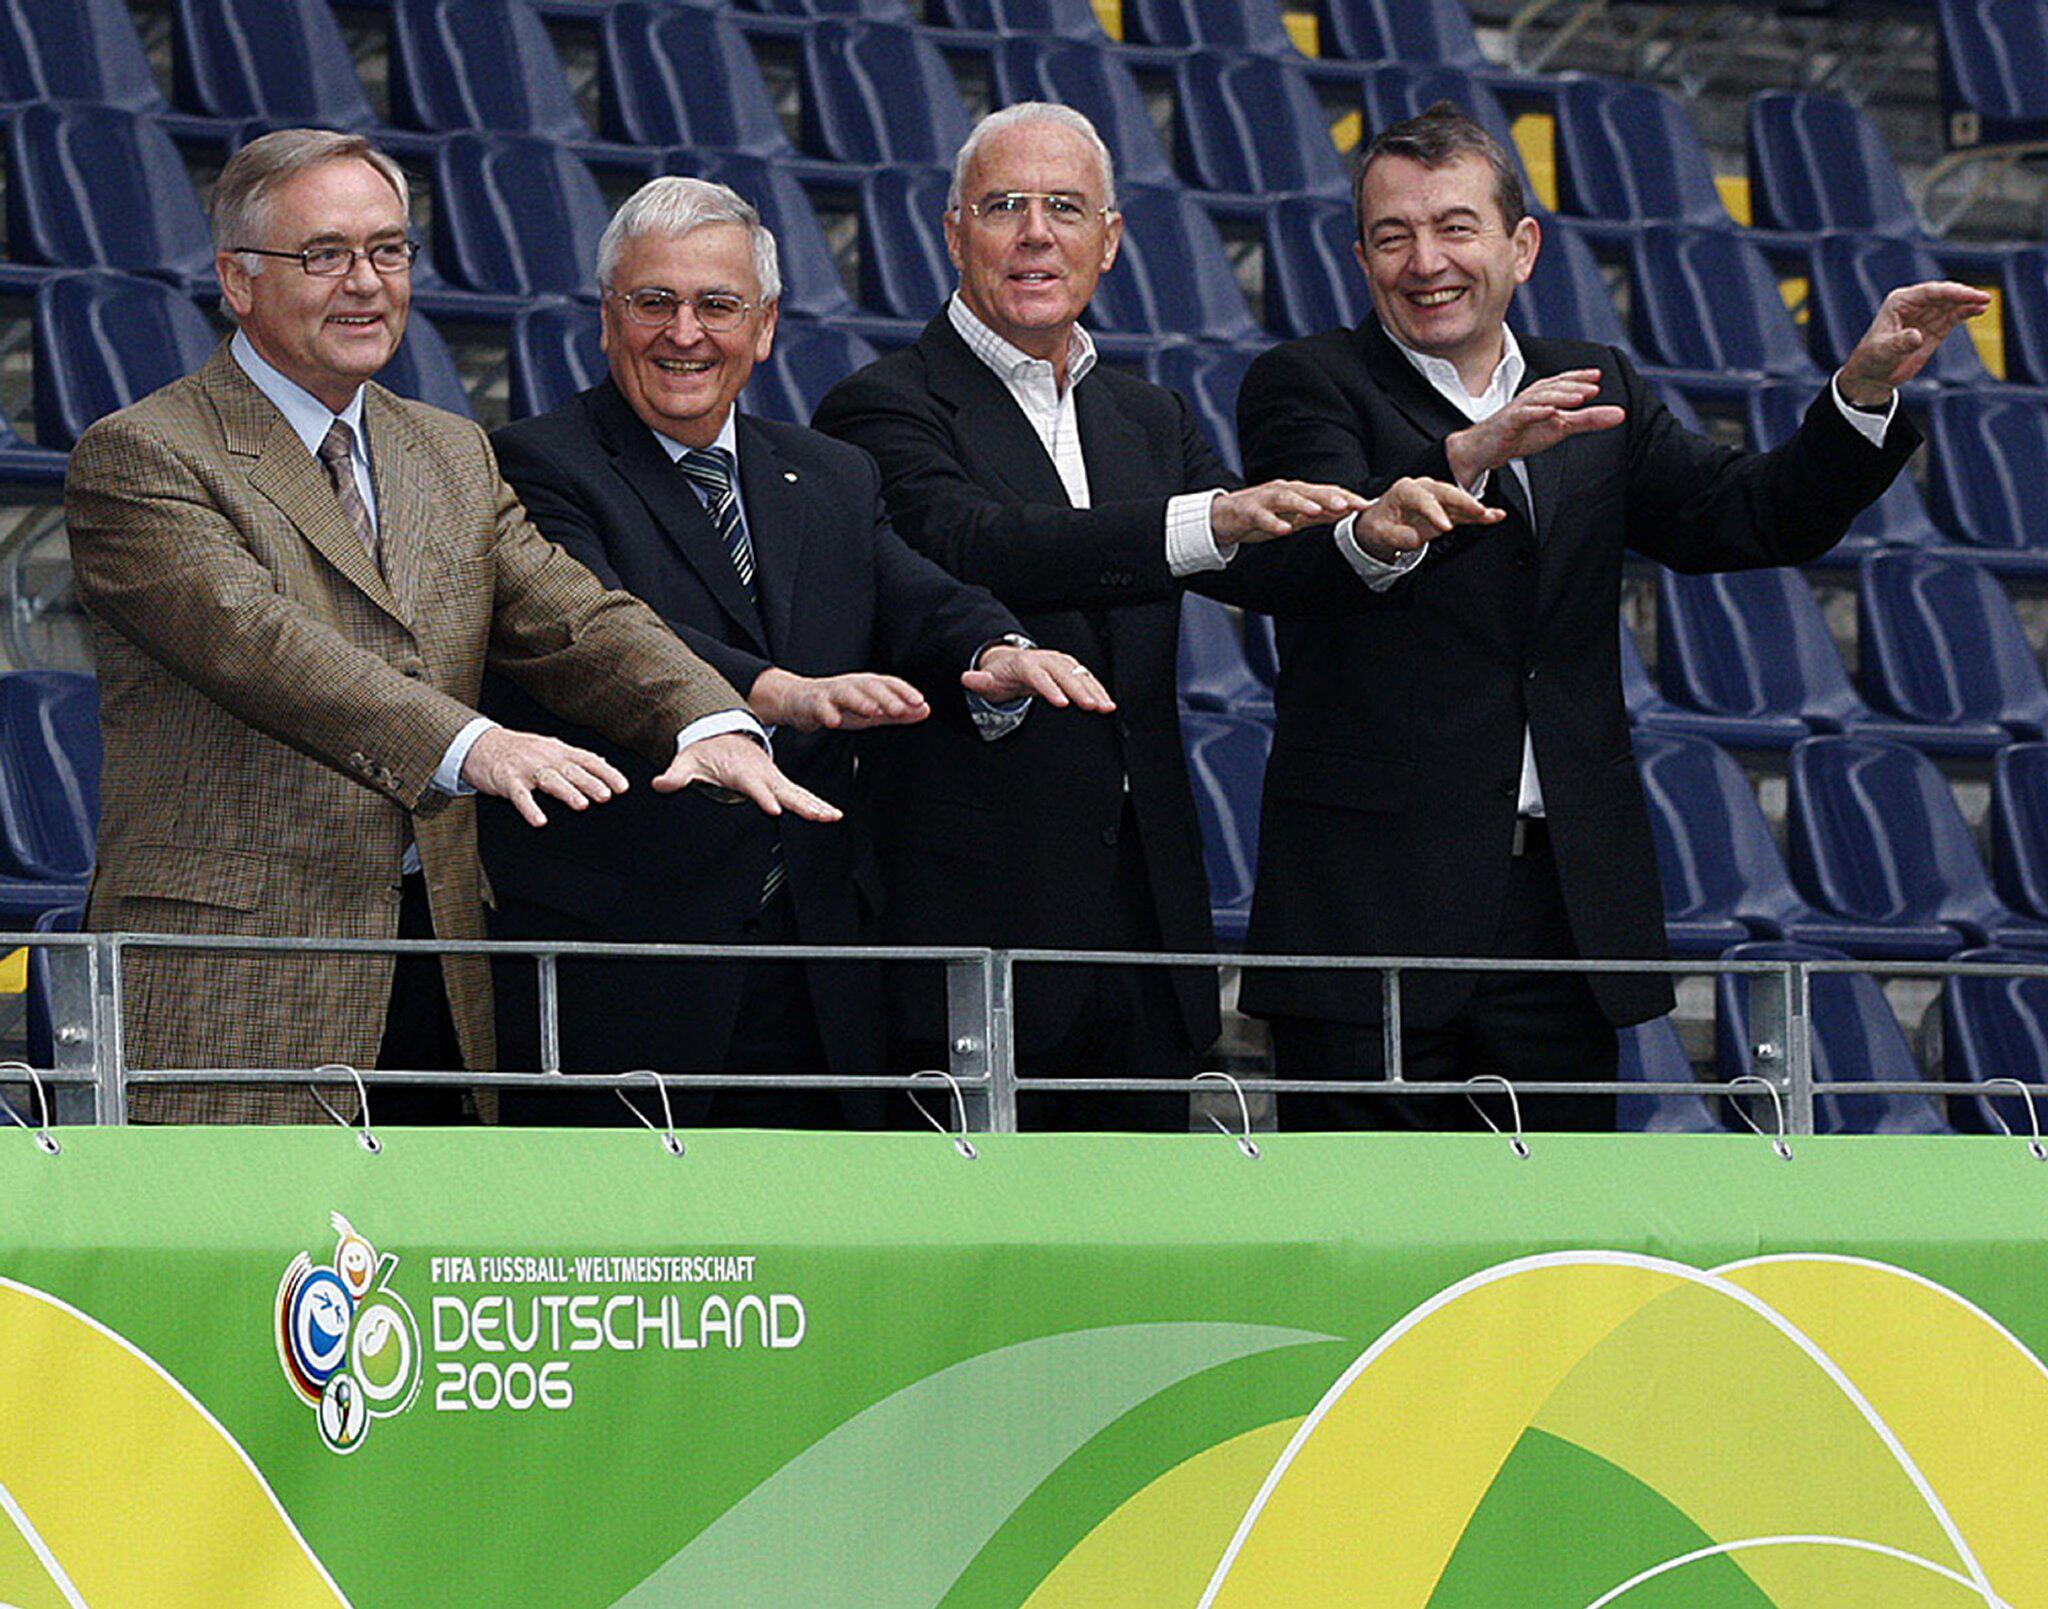 Bild zu Organisationskomitee Fussball-WM 2006